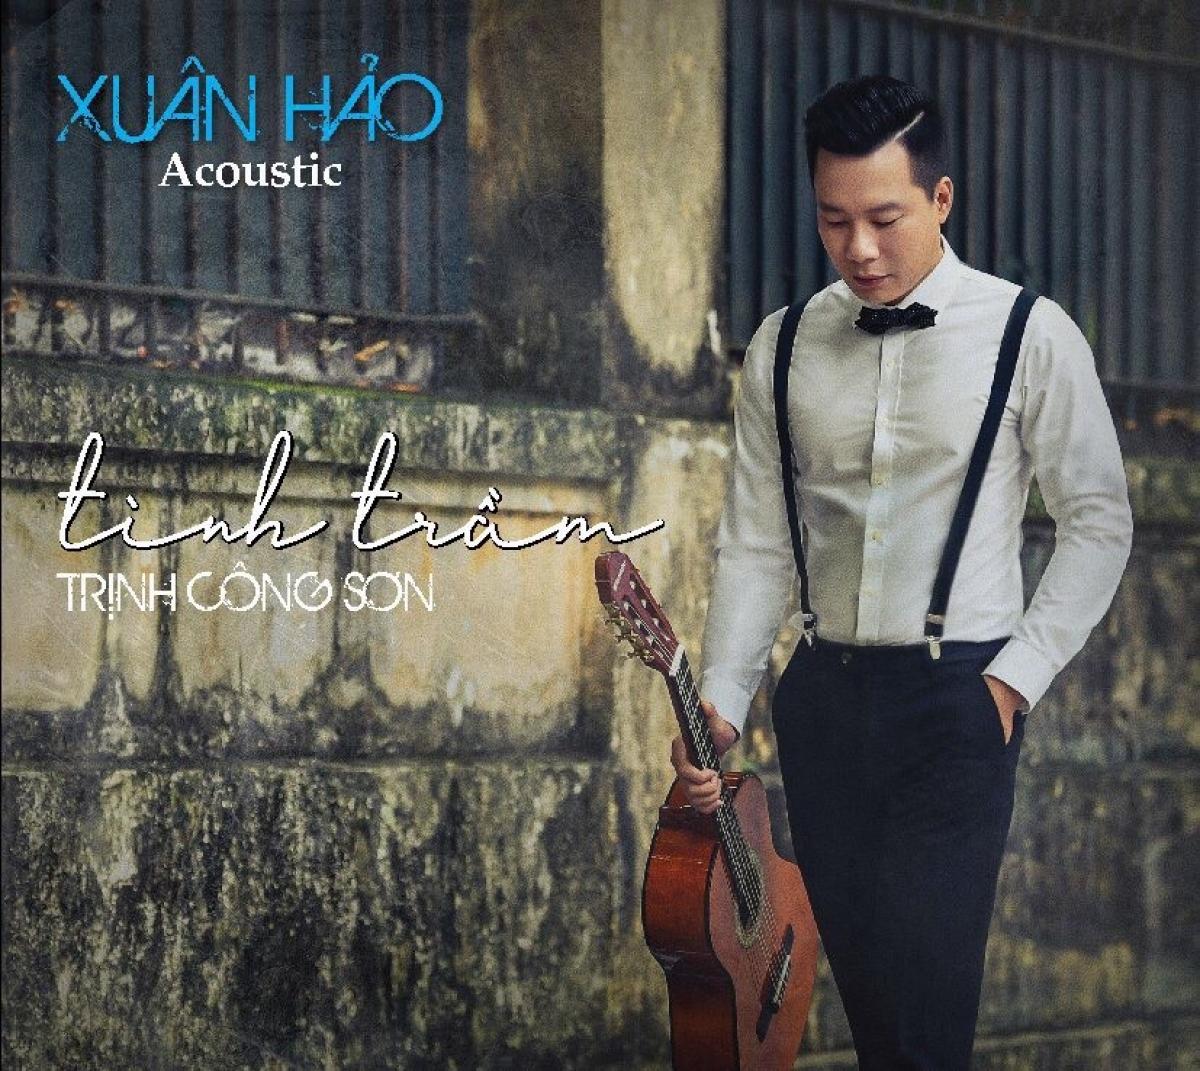 Sao Mai Xuân Hảo phát hành album nhạc Trịnh.